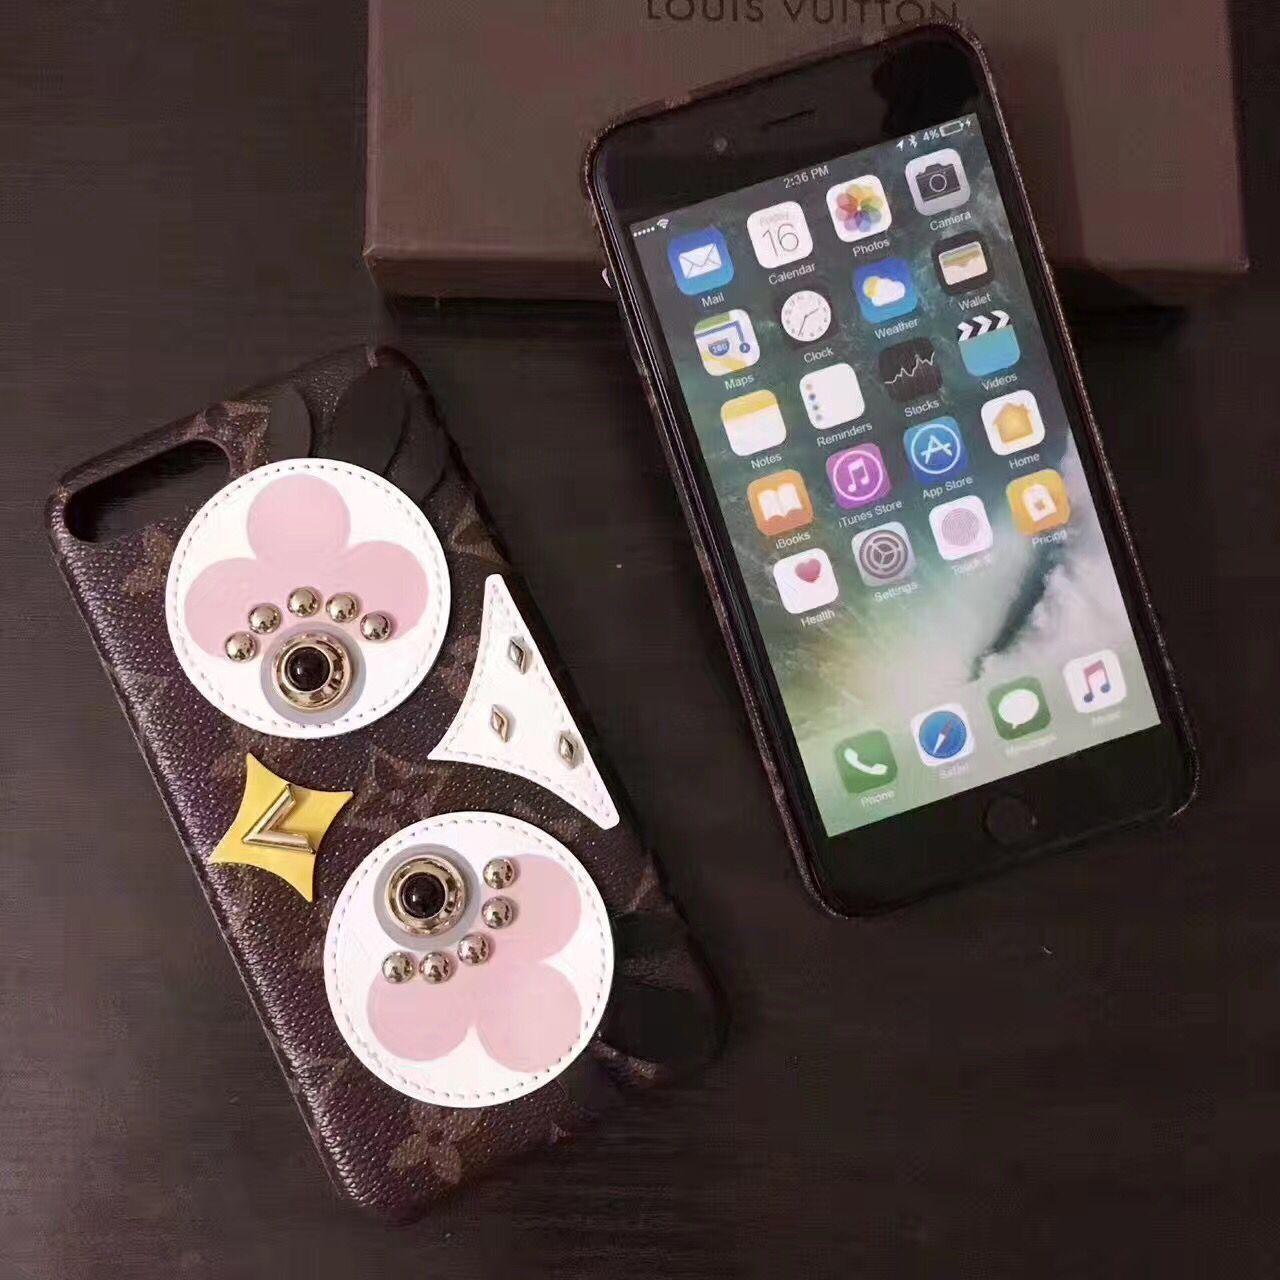 iphone 8 Plus top cases apple phone cases iphone 8 Plus Louis Vuitton iphone 8 Plus case iphone 8 Plus design cases mofi iPhone 8 Plus case of cellphone plu bottom cell covers purple iPhone 8 Plus case